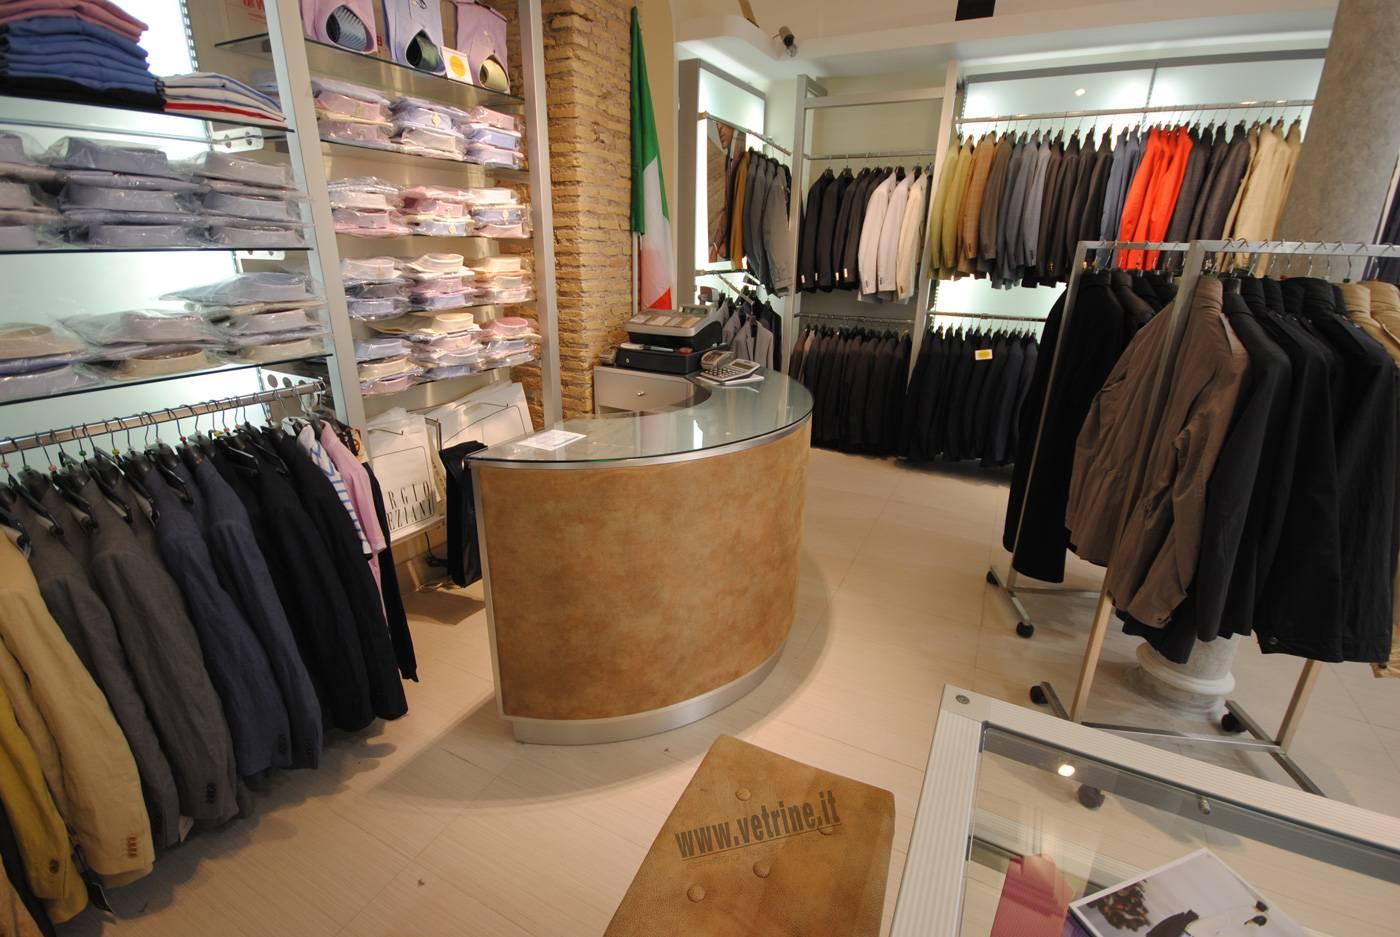 arredamento negozio abbigliamento:stilitalia | tutto per negozi.com - Arredamento Negozio Abbigliamento Moderno